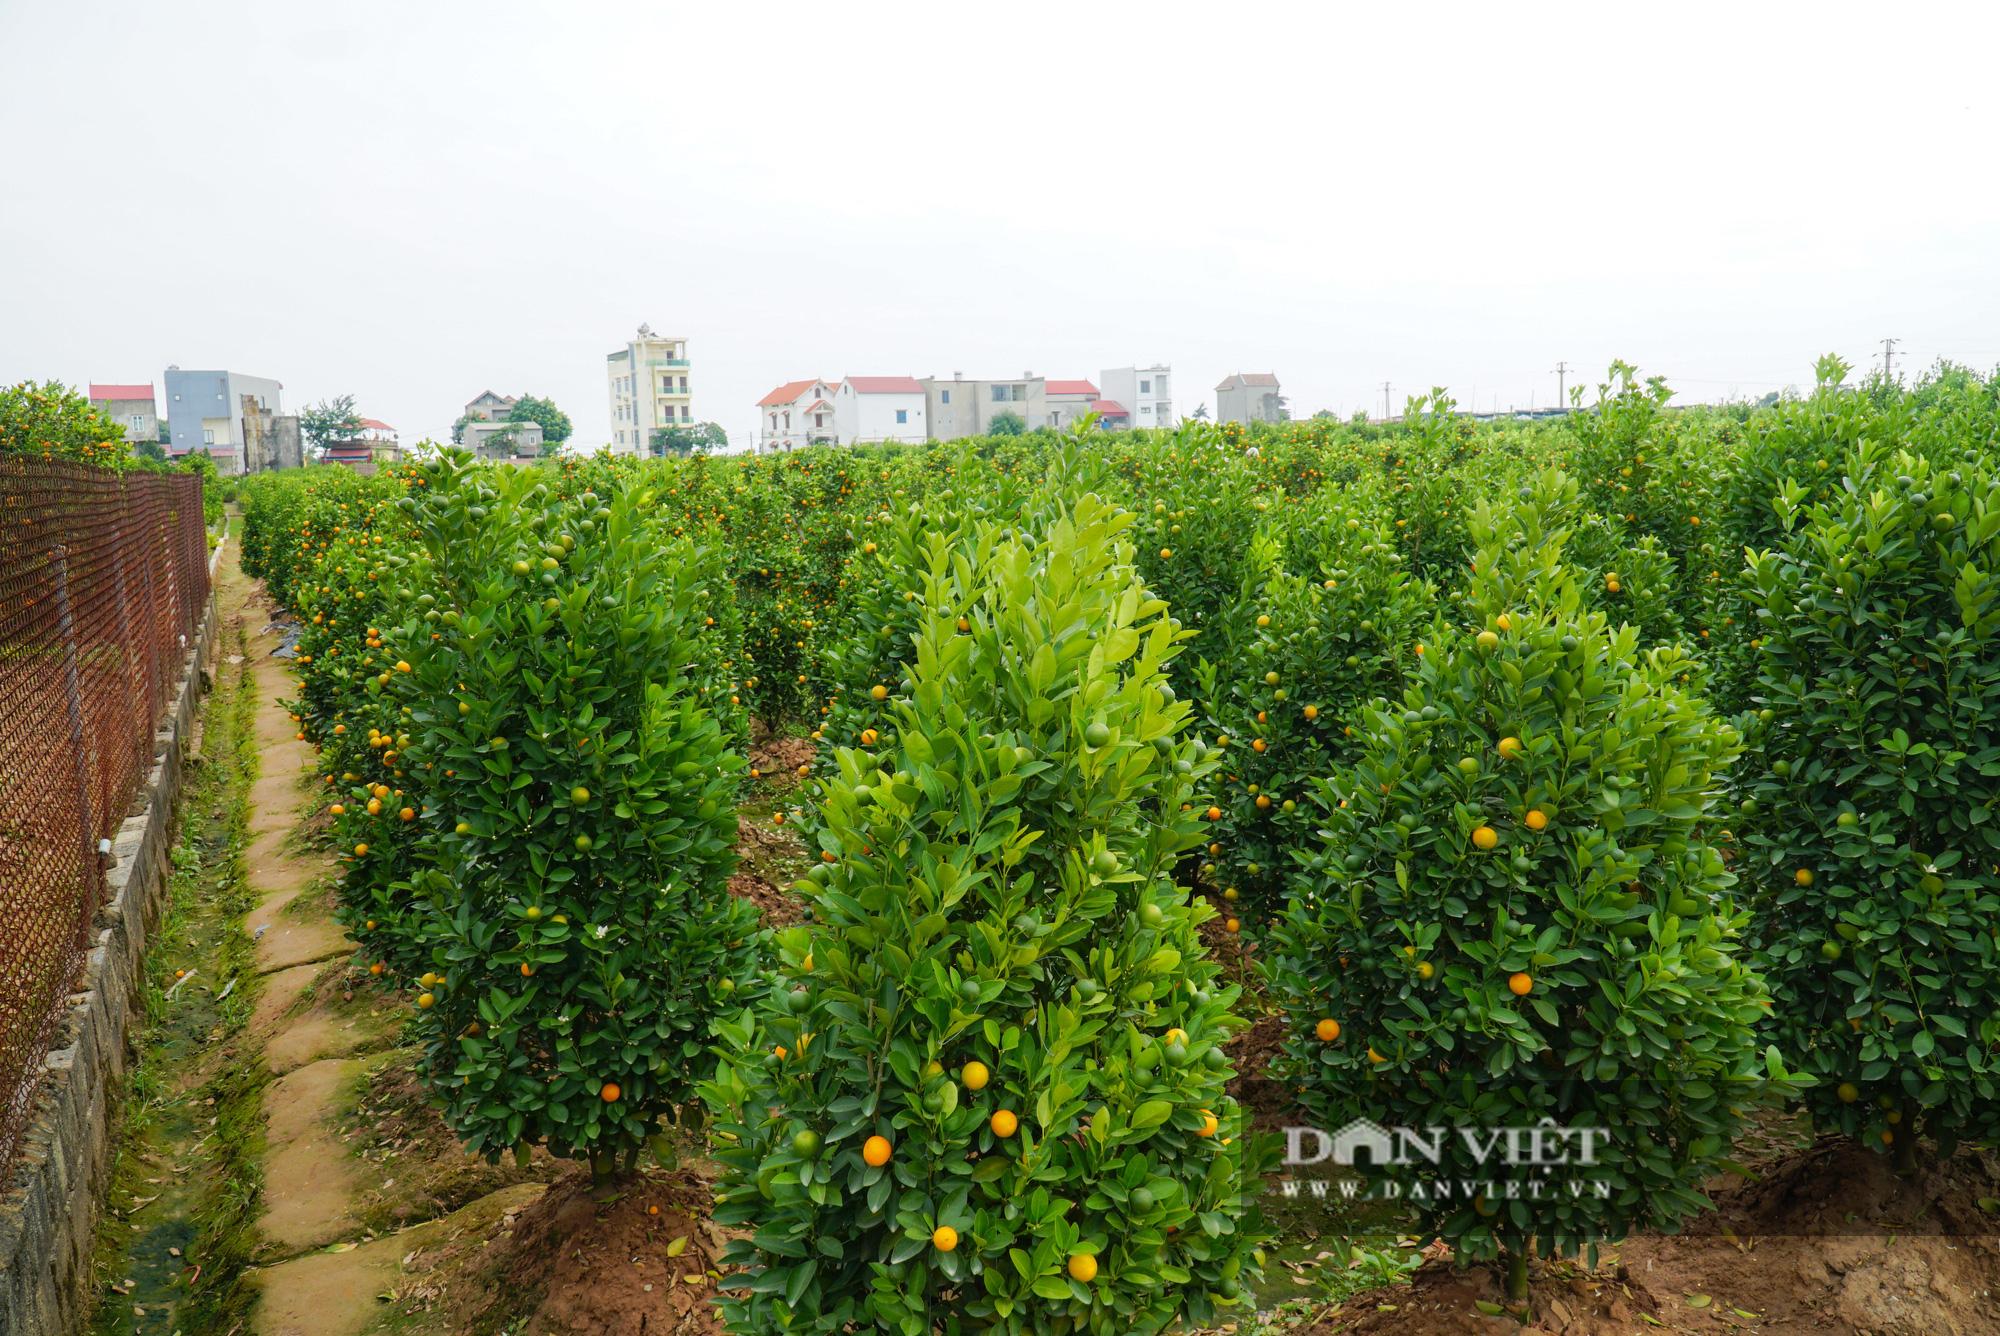 Quýt cảnh giảm giá sâu người trồng ngậm ngùi chịu lỗ - Ảnh 12.